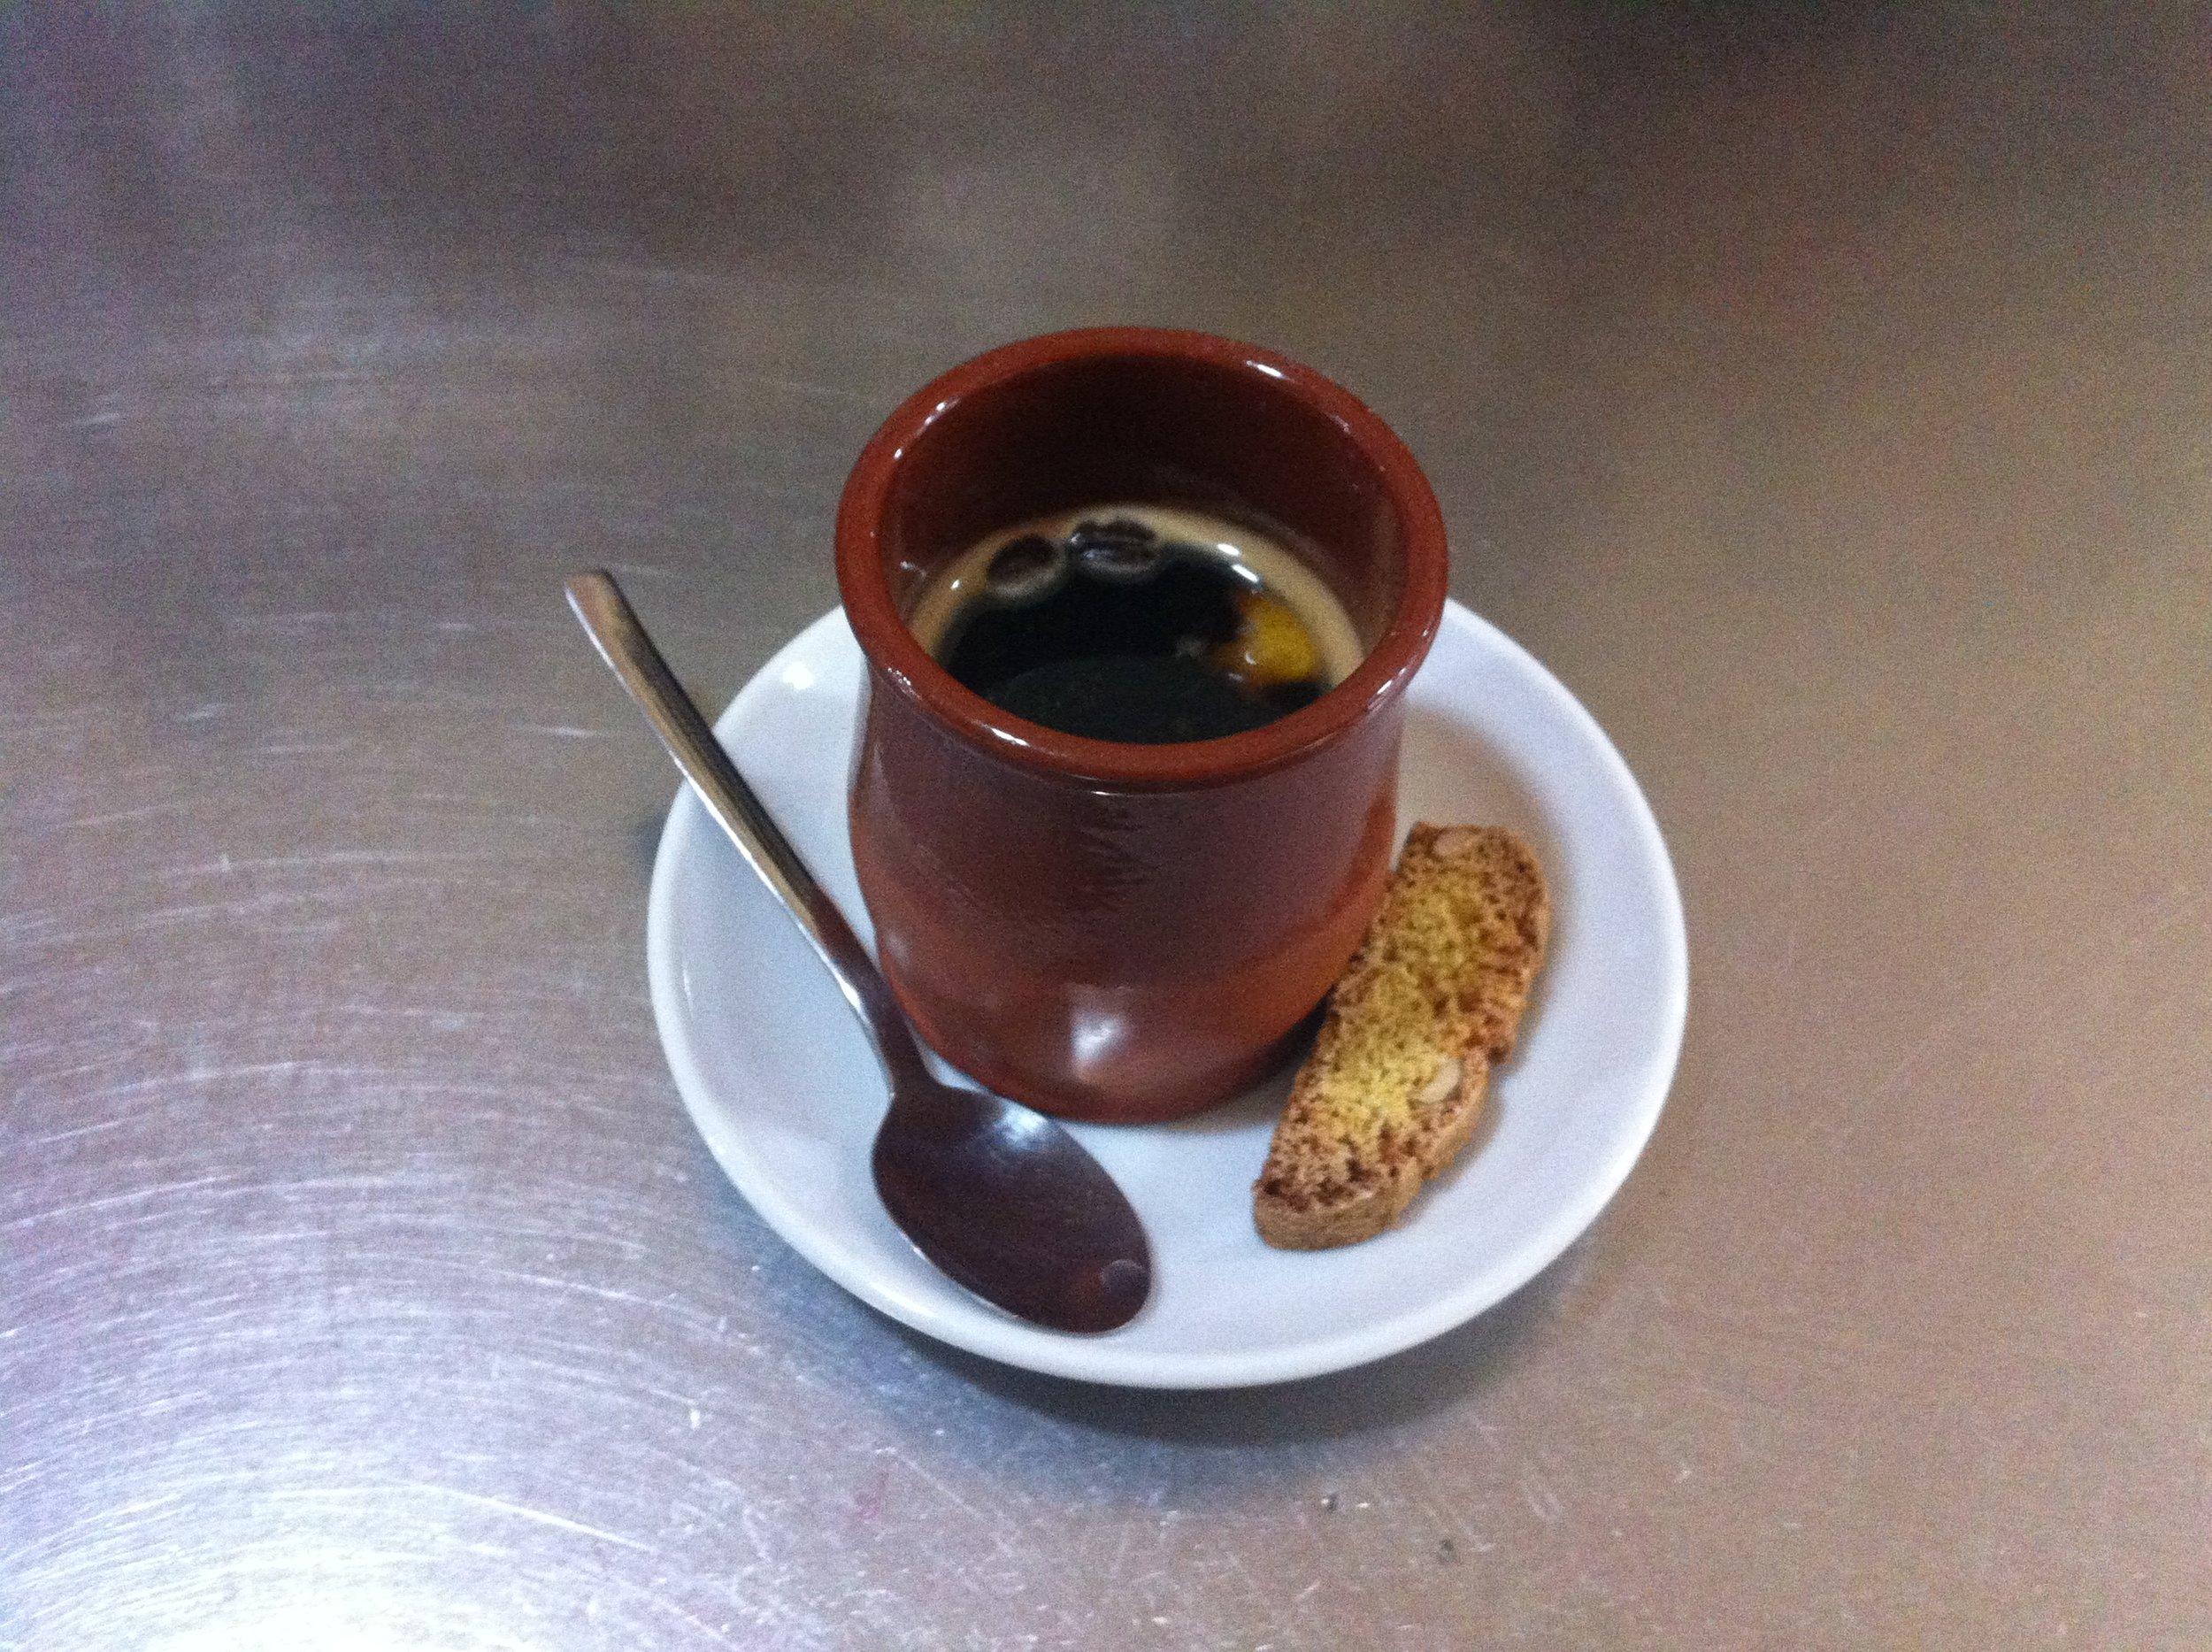 Cremat - ngredientes: ¾ l. de ron blanco, ½ l. de coñac,, 1/4 Kg de azúcar, la corteza de 1 naranja, la corteza de 1 limón, canela en rama.Prepare 1/2 litro de café (8 tazas) Vierta el ron y el coñac en una cazuela de barro; añada el azúcar, las cortezas de naranja y limón y un palito de canela; póngalo en el fuego y deje cocer hasta que el líquido reduzca a la mitad. Enciéndalo y añada el café muy caliente. Se sirve inmediatamente.